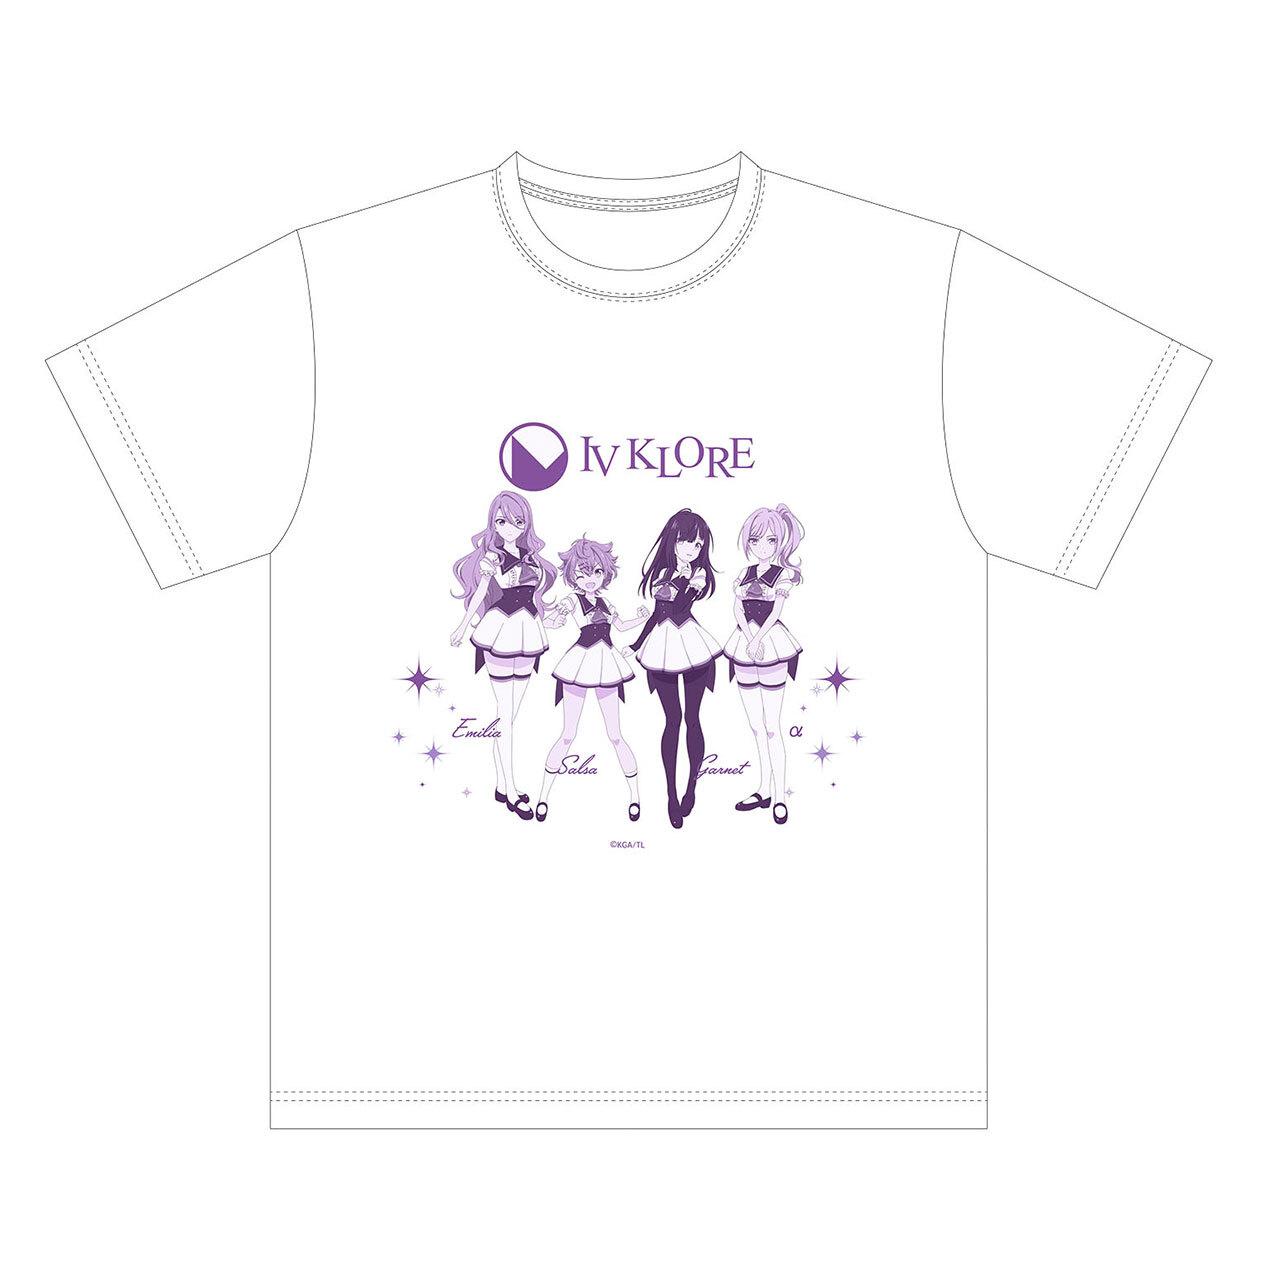 【4589839354448予】ラピスリライツ IV KLORE Tシャツ 白/Lサイズ